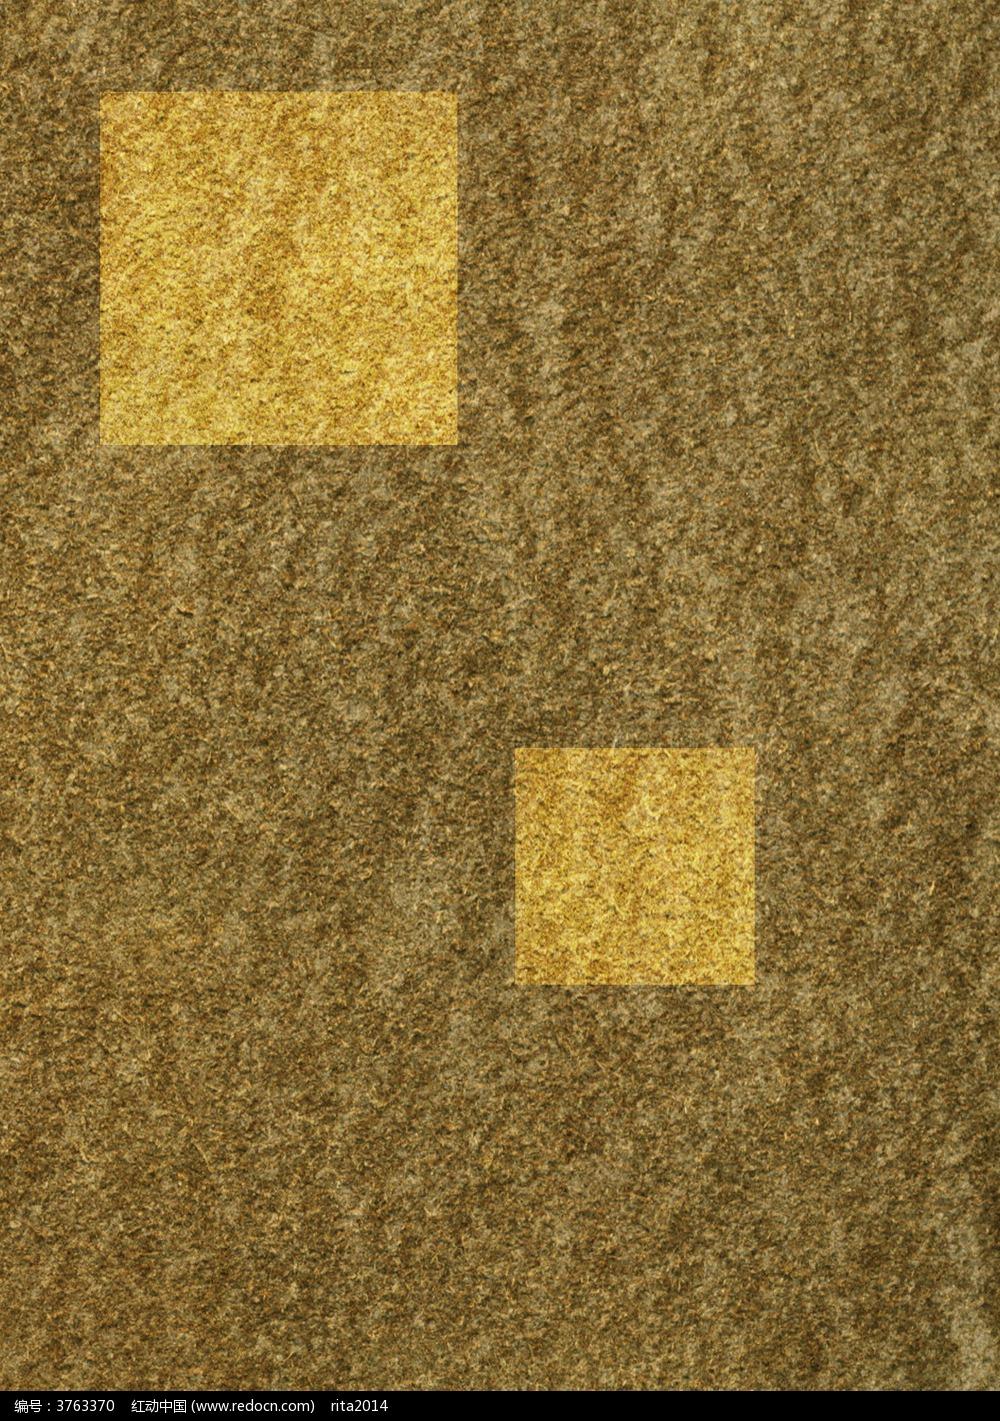 棕色背景贴图3d素材